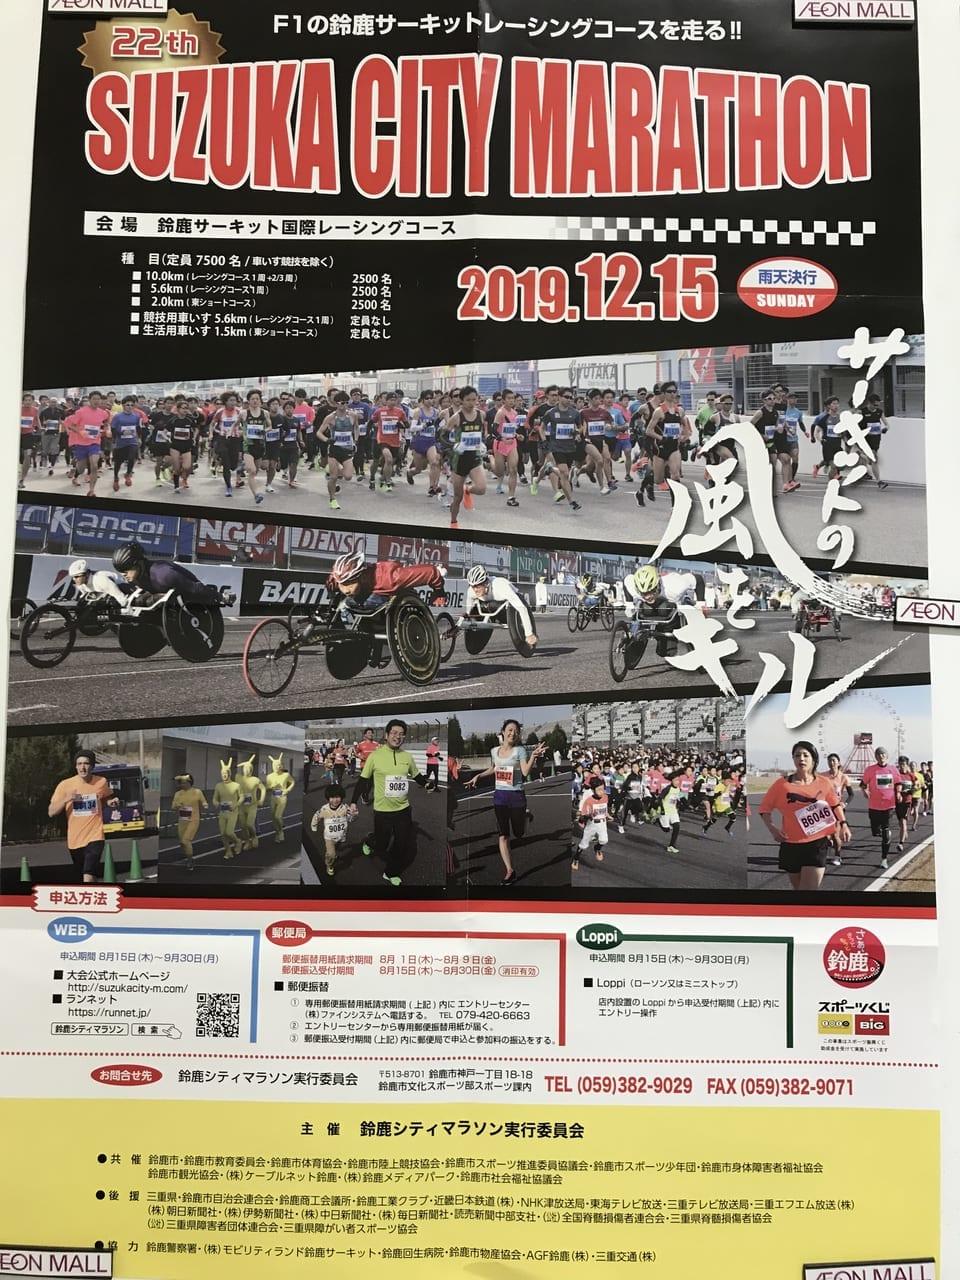 suzukacitymarathon